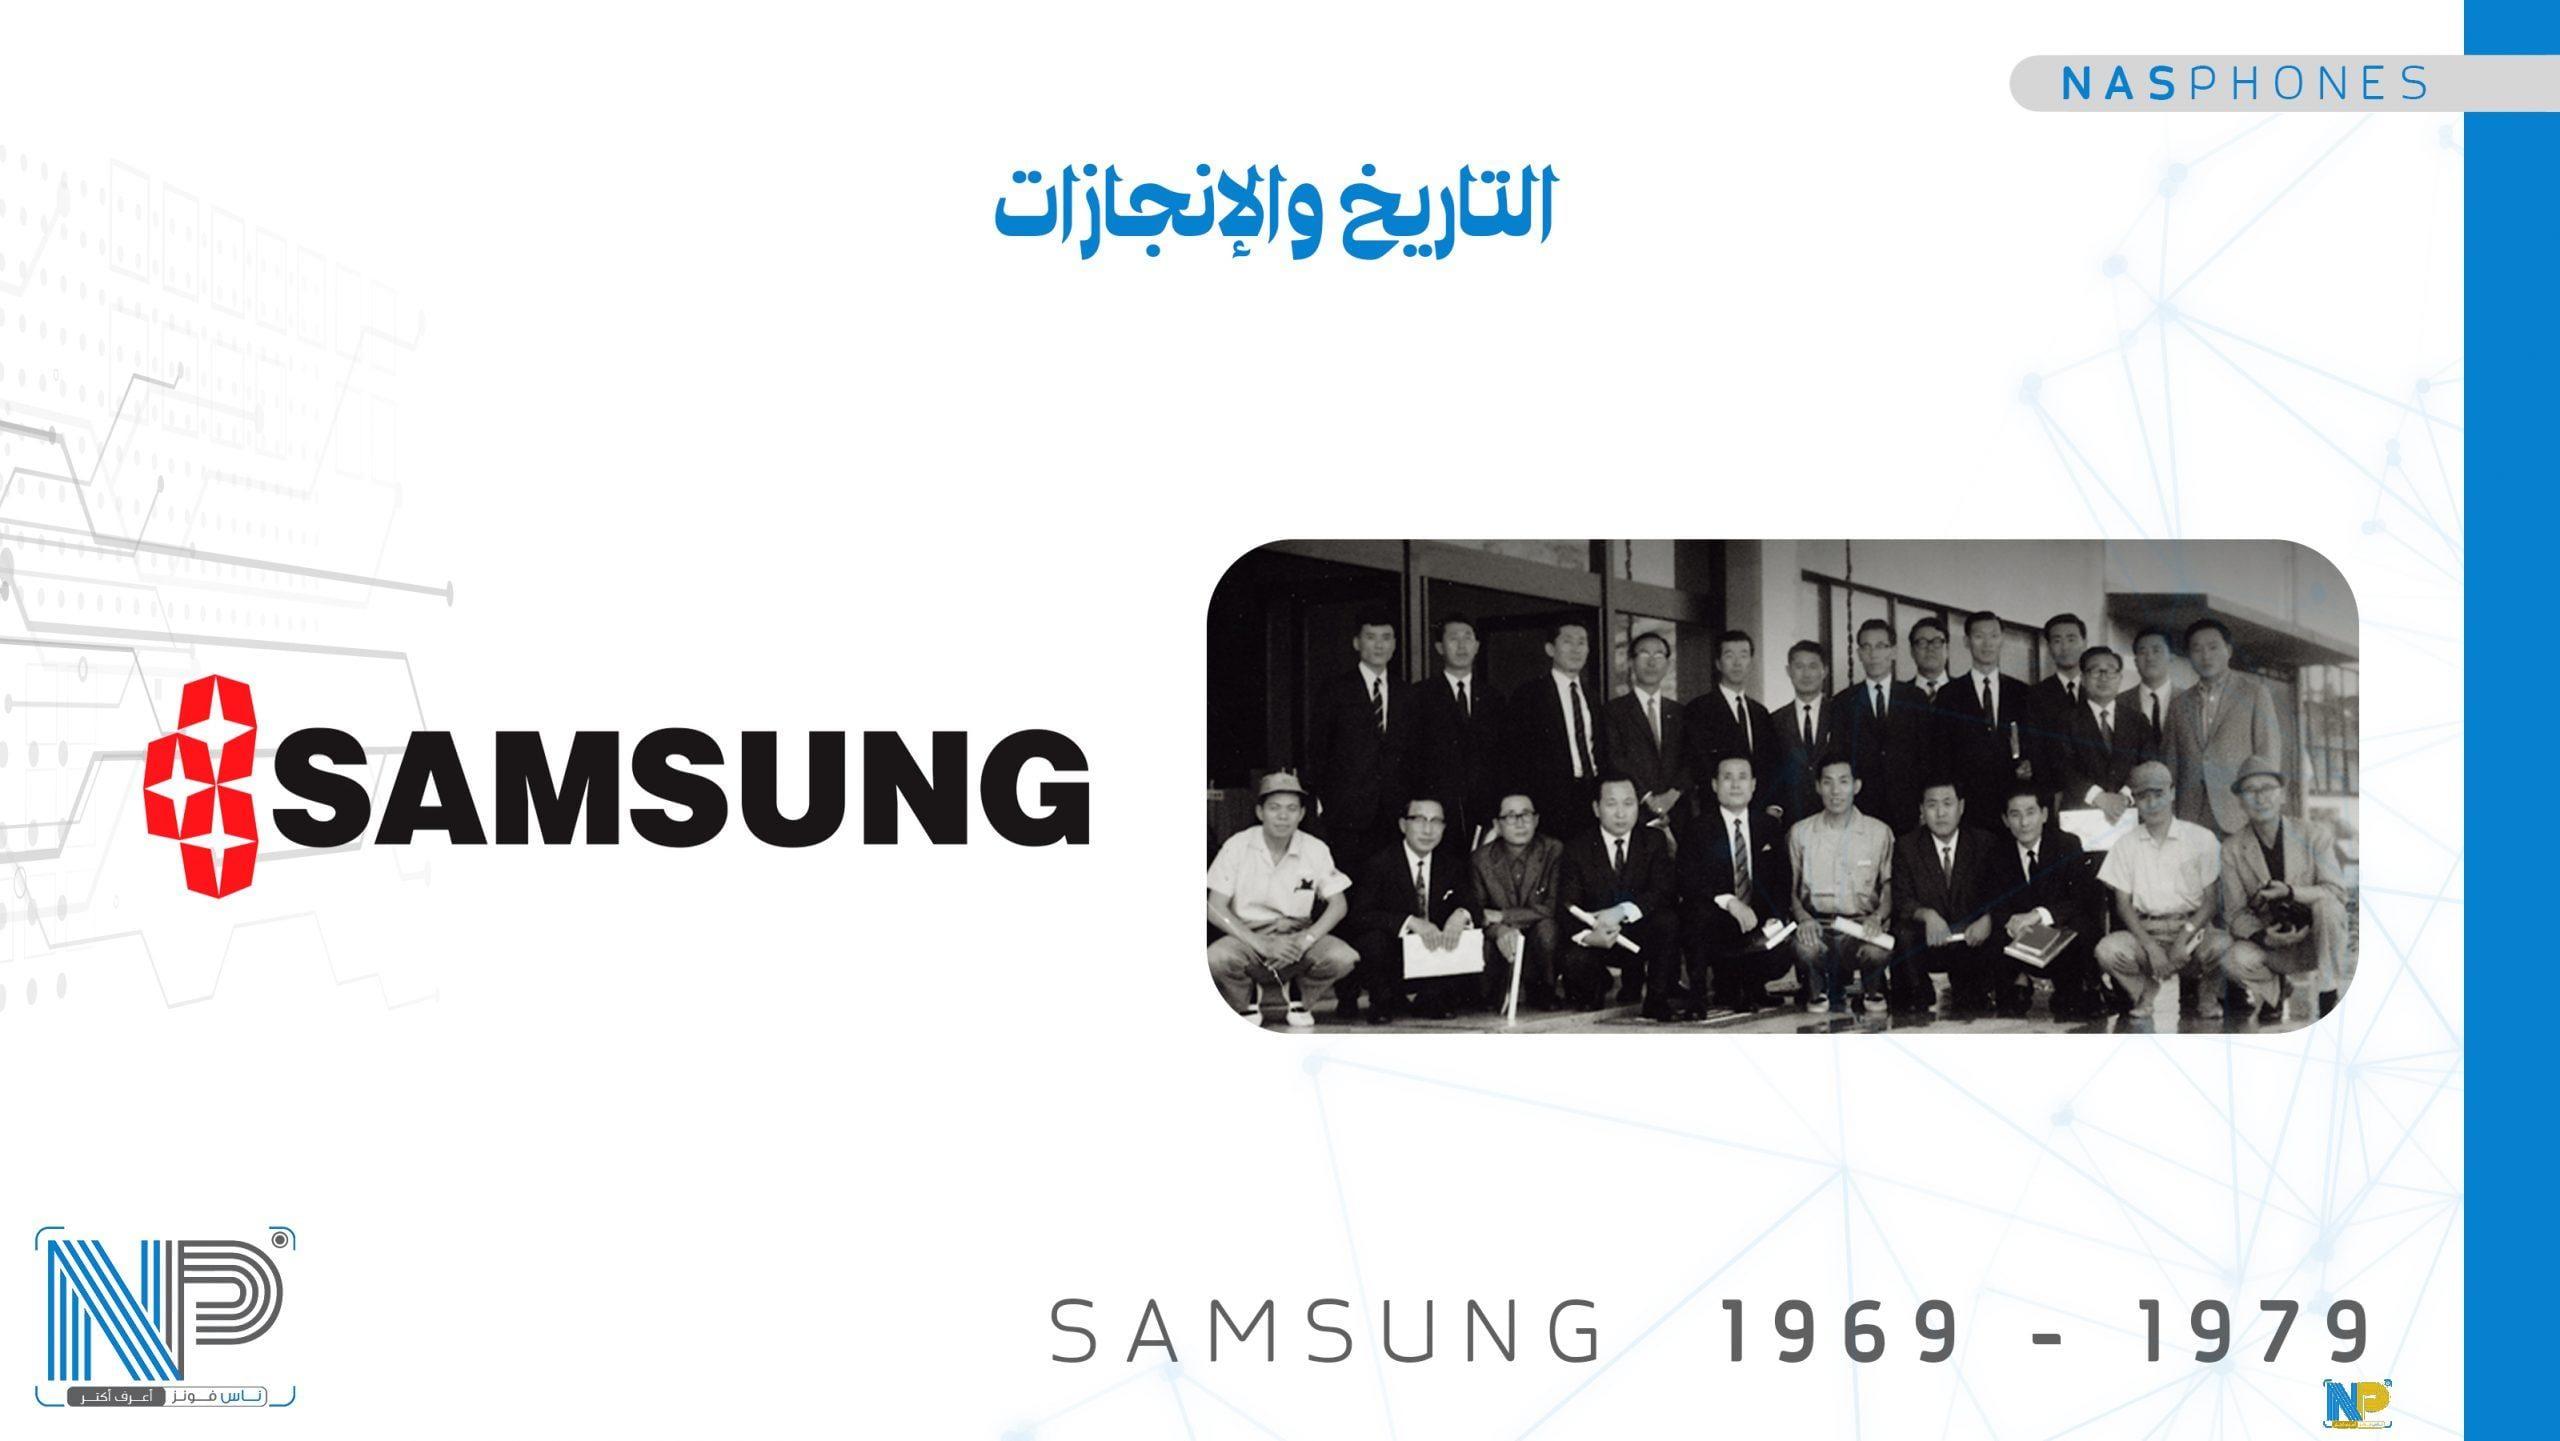 سامسونج 1969 - 1979